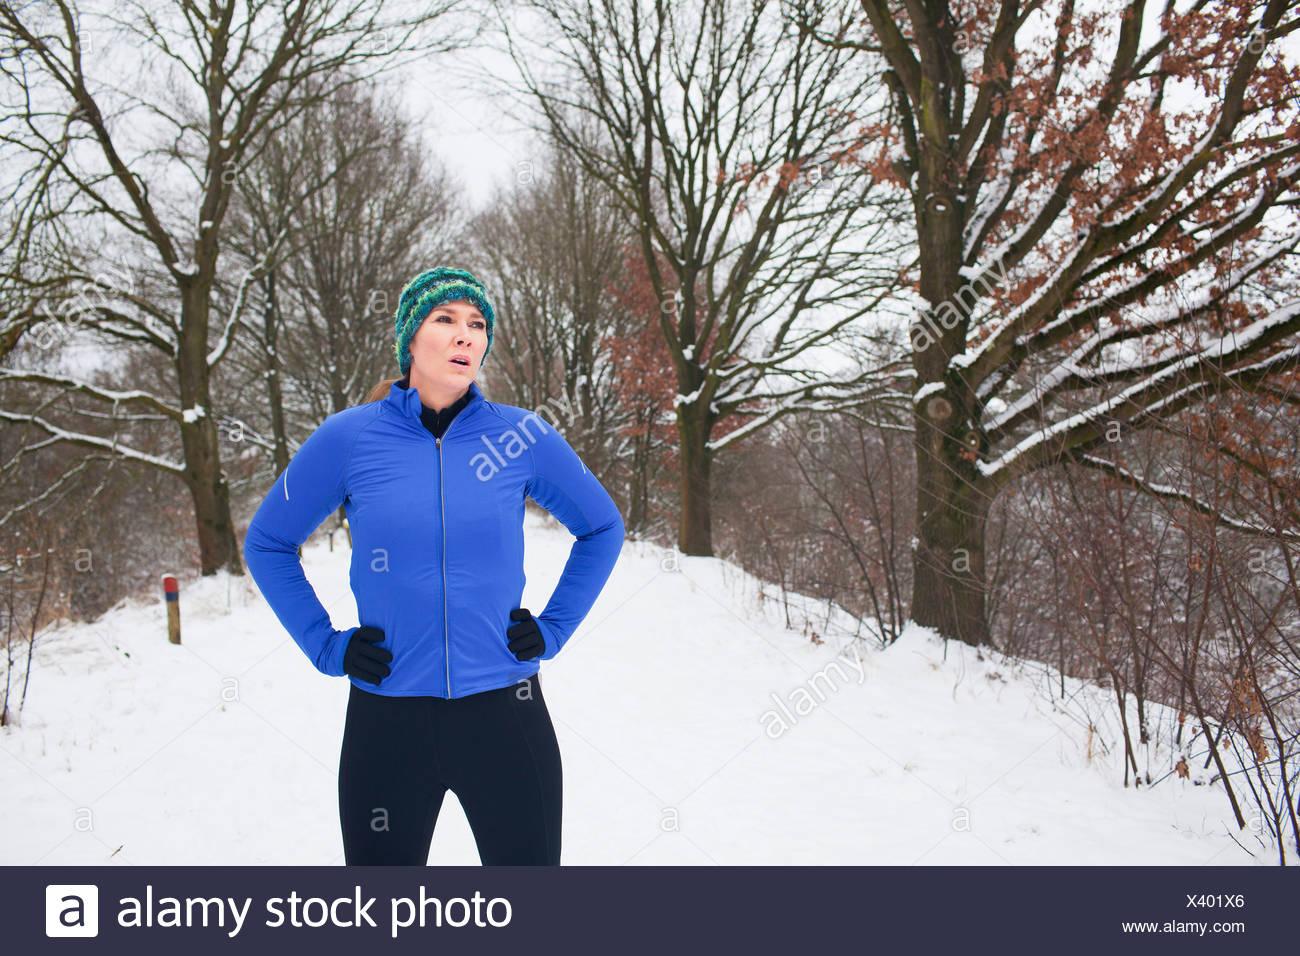 Female jogger taking a break in snow covered scene - Stock Image